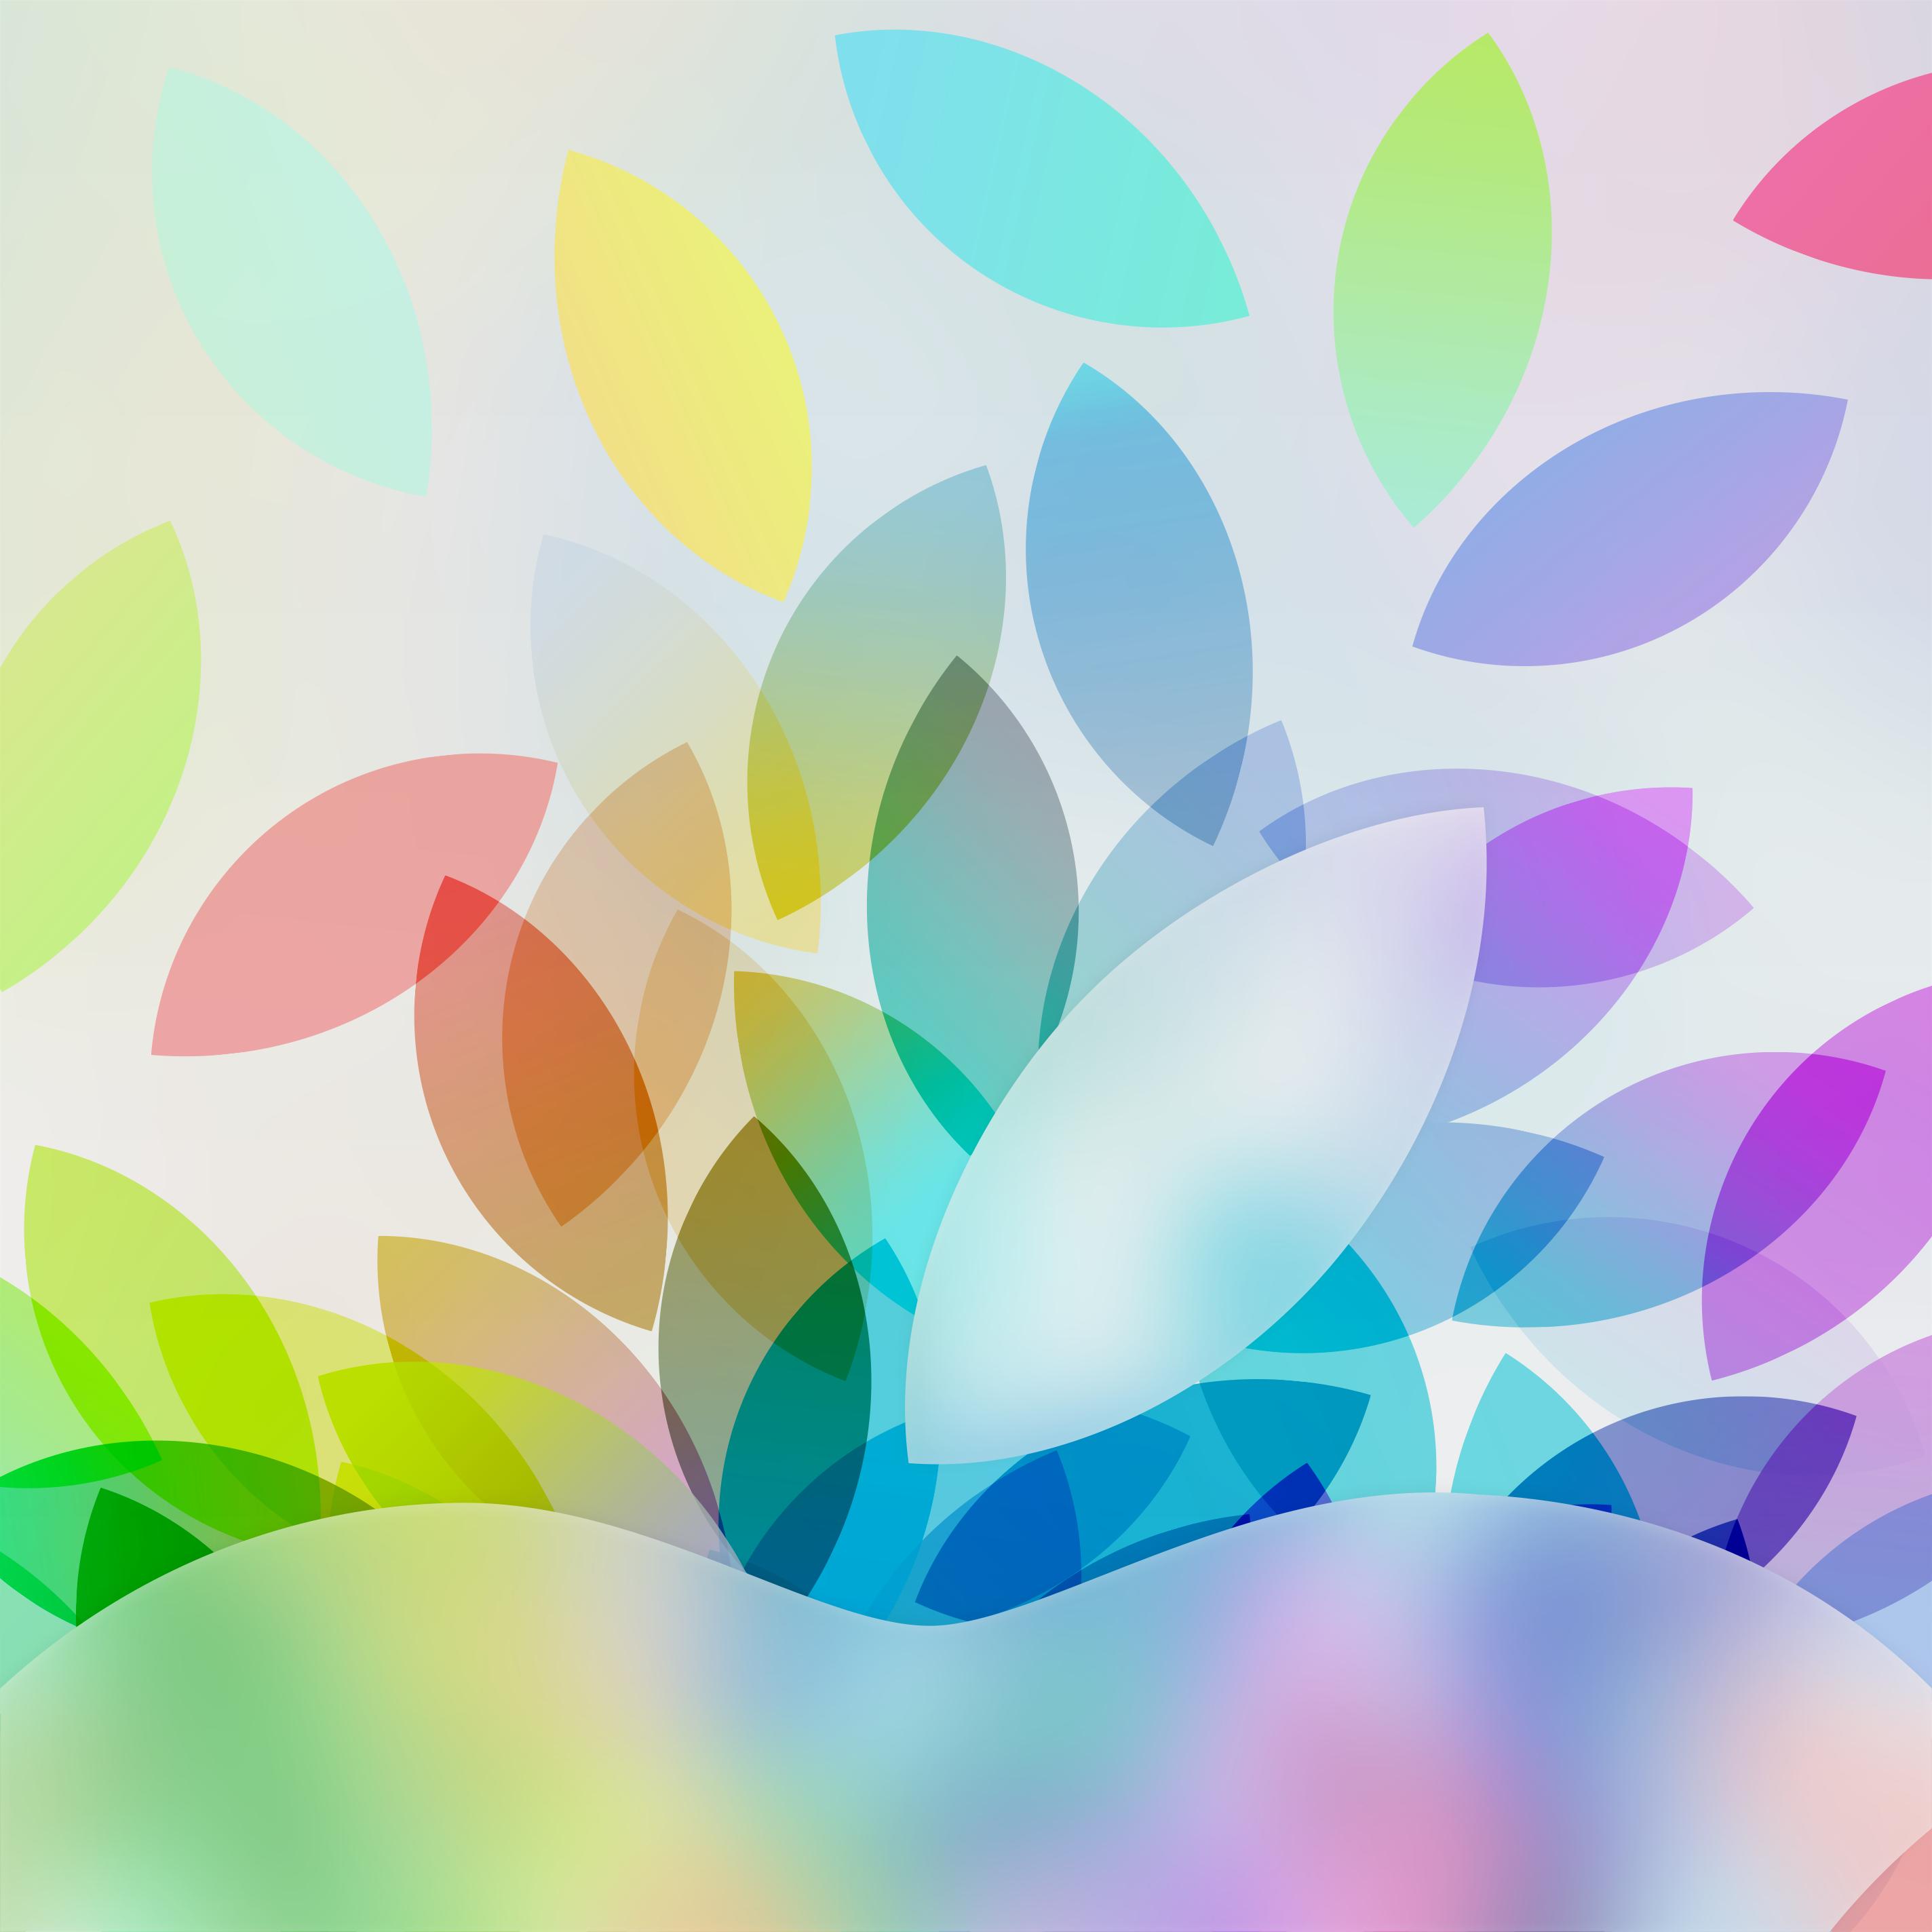 Wallpaper criado por Surenix - iPad com tela Retina